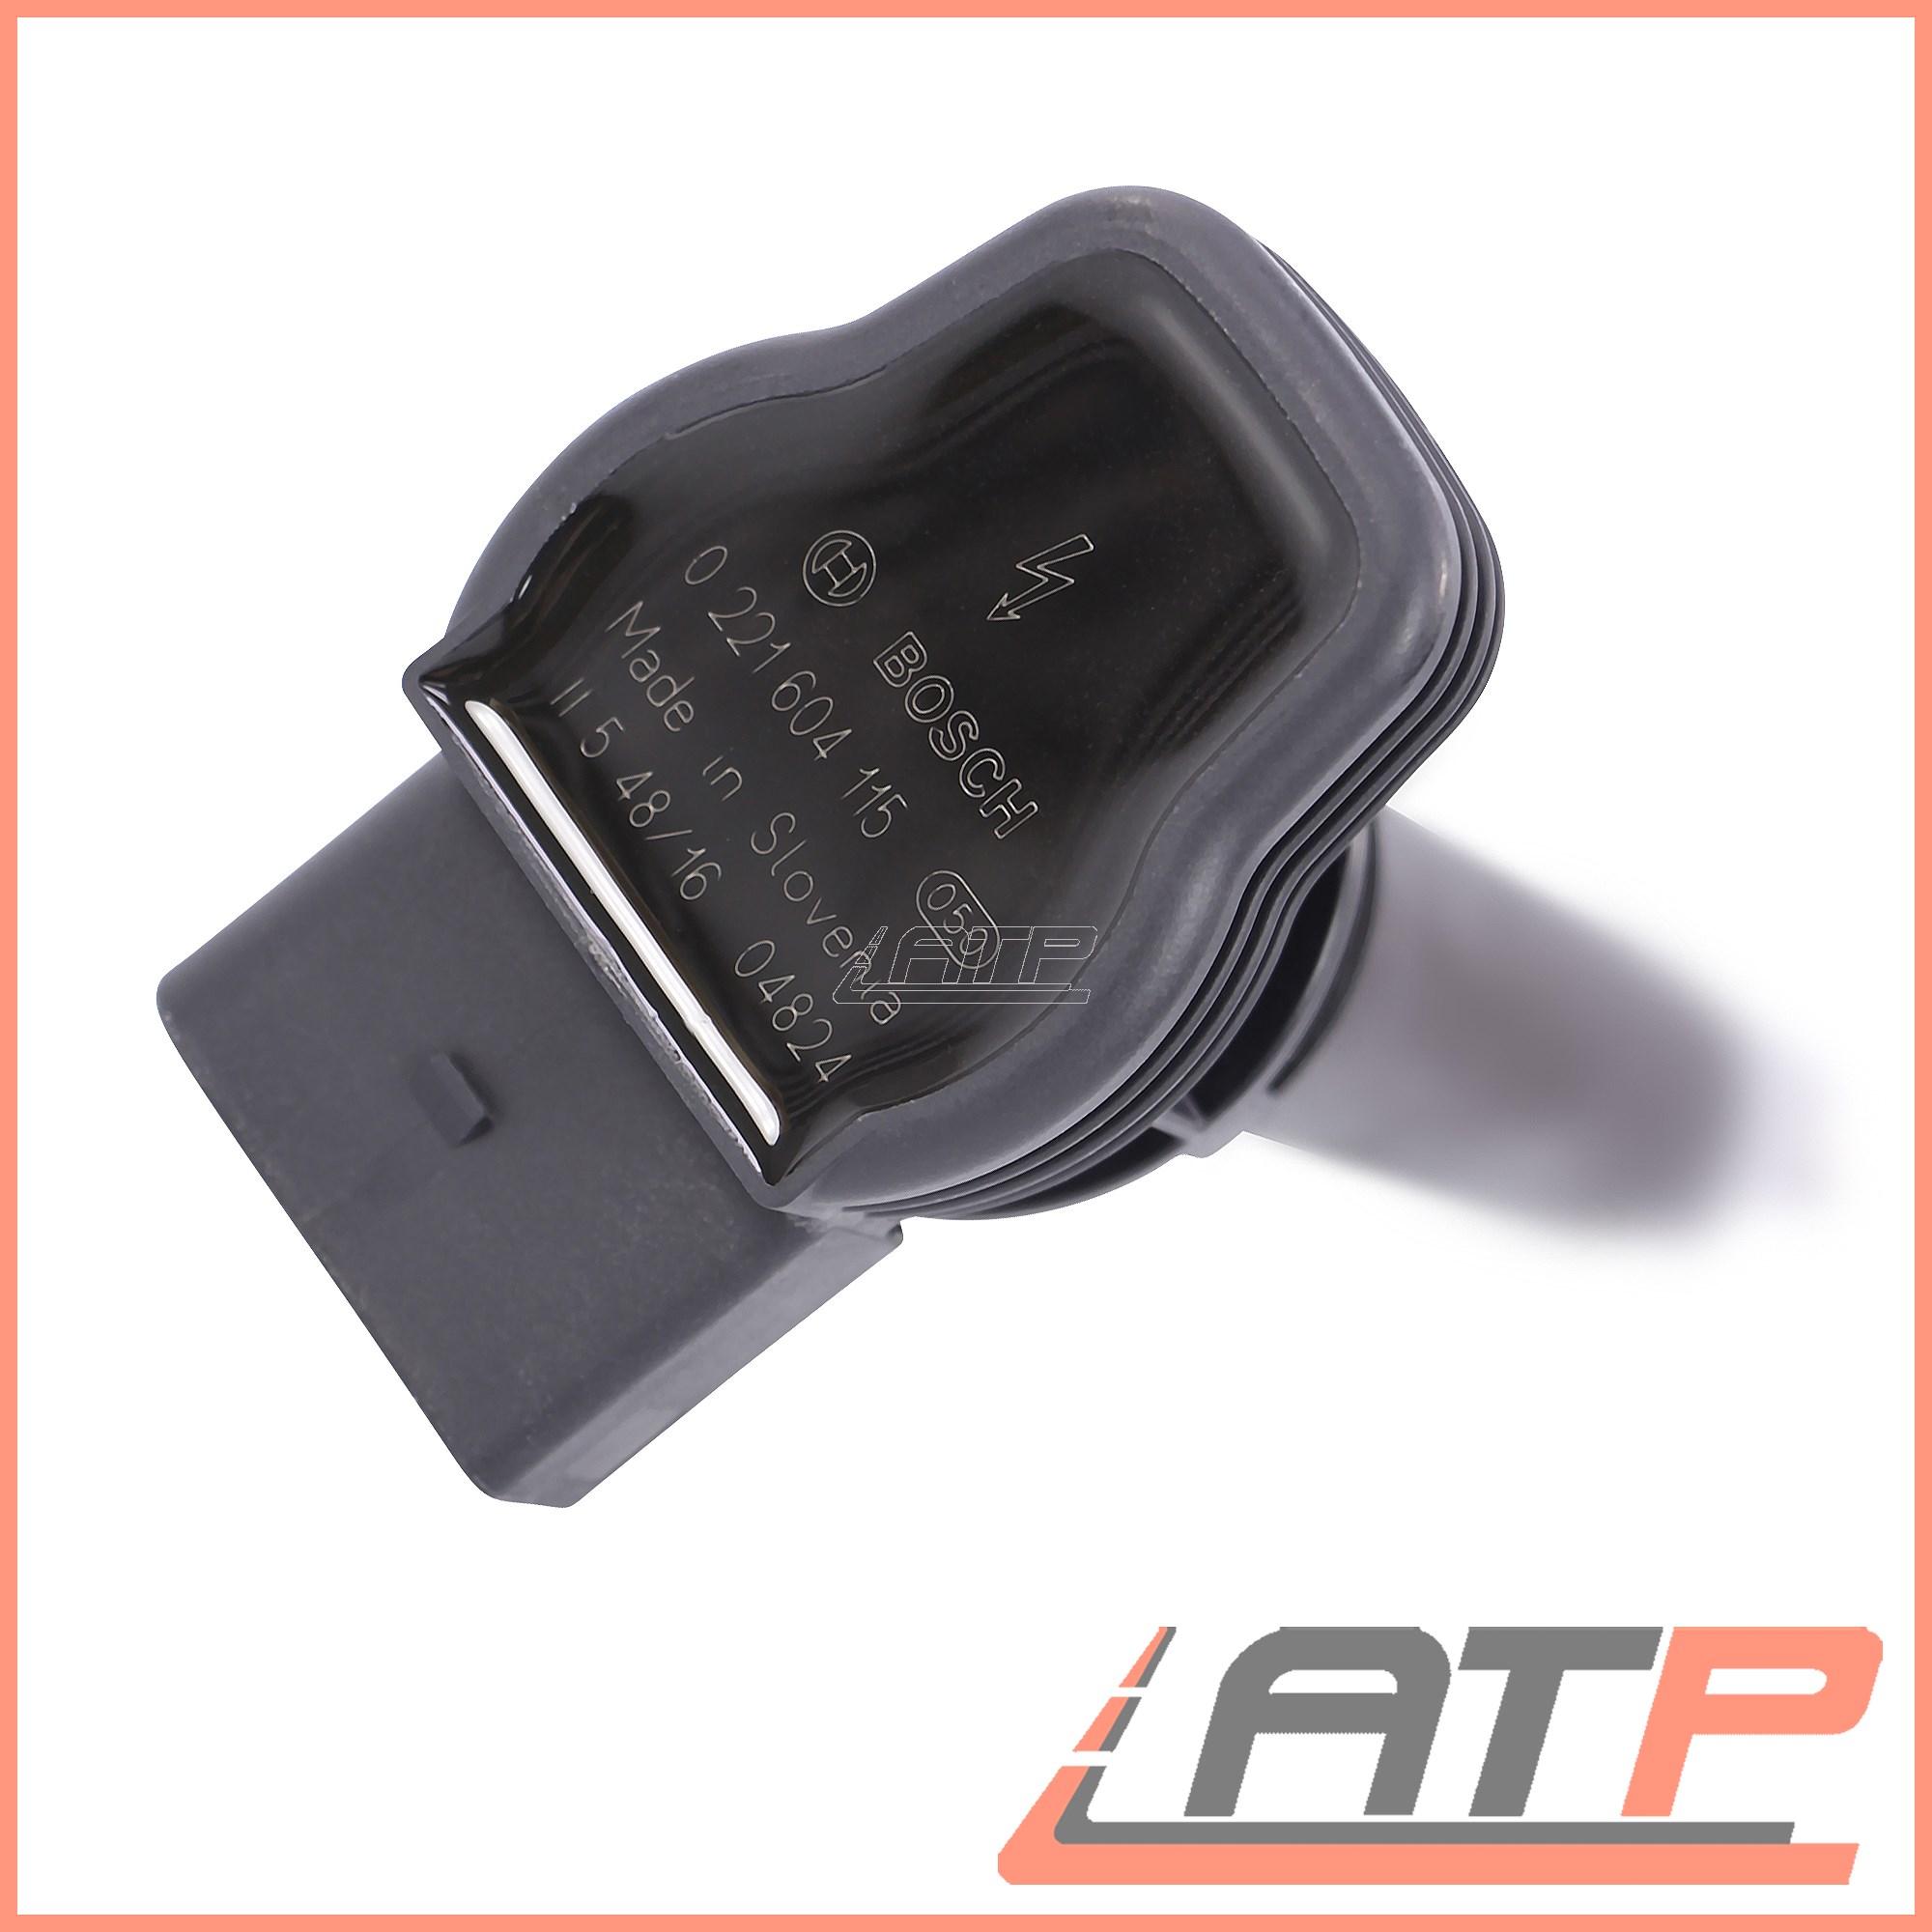 4X-Bosch-Lapiz-de-la-bobina-de-encendido-Audi-A4-8E-B7-2-0-RS4-04-08-8K-B8-1-8-2-0-07-16 miniatura 3